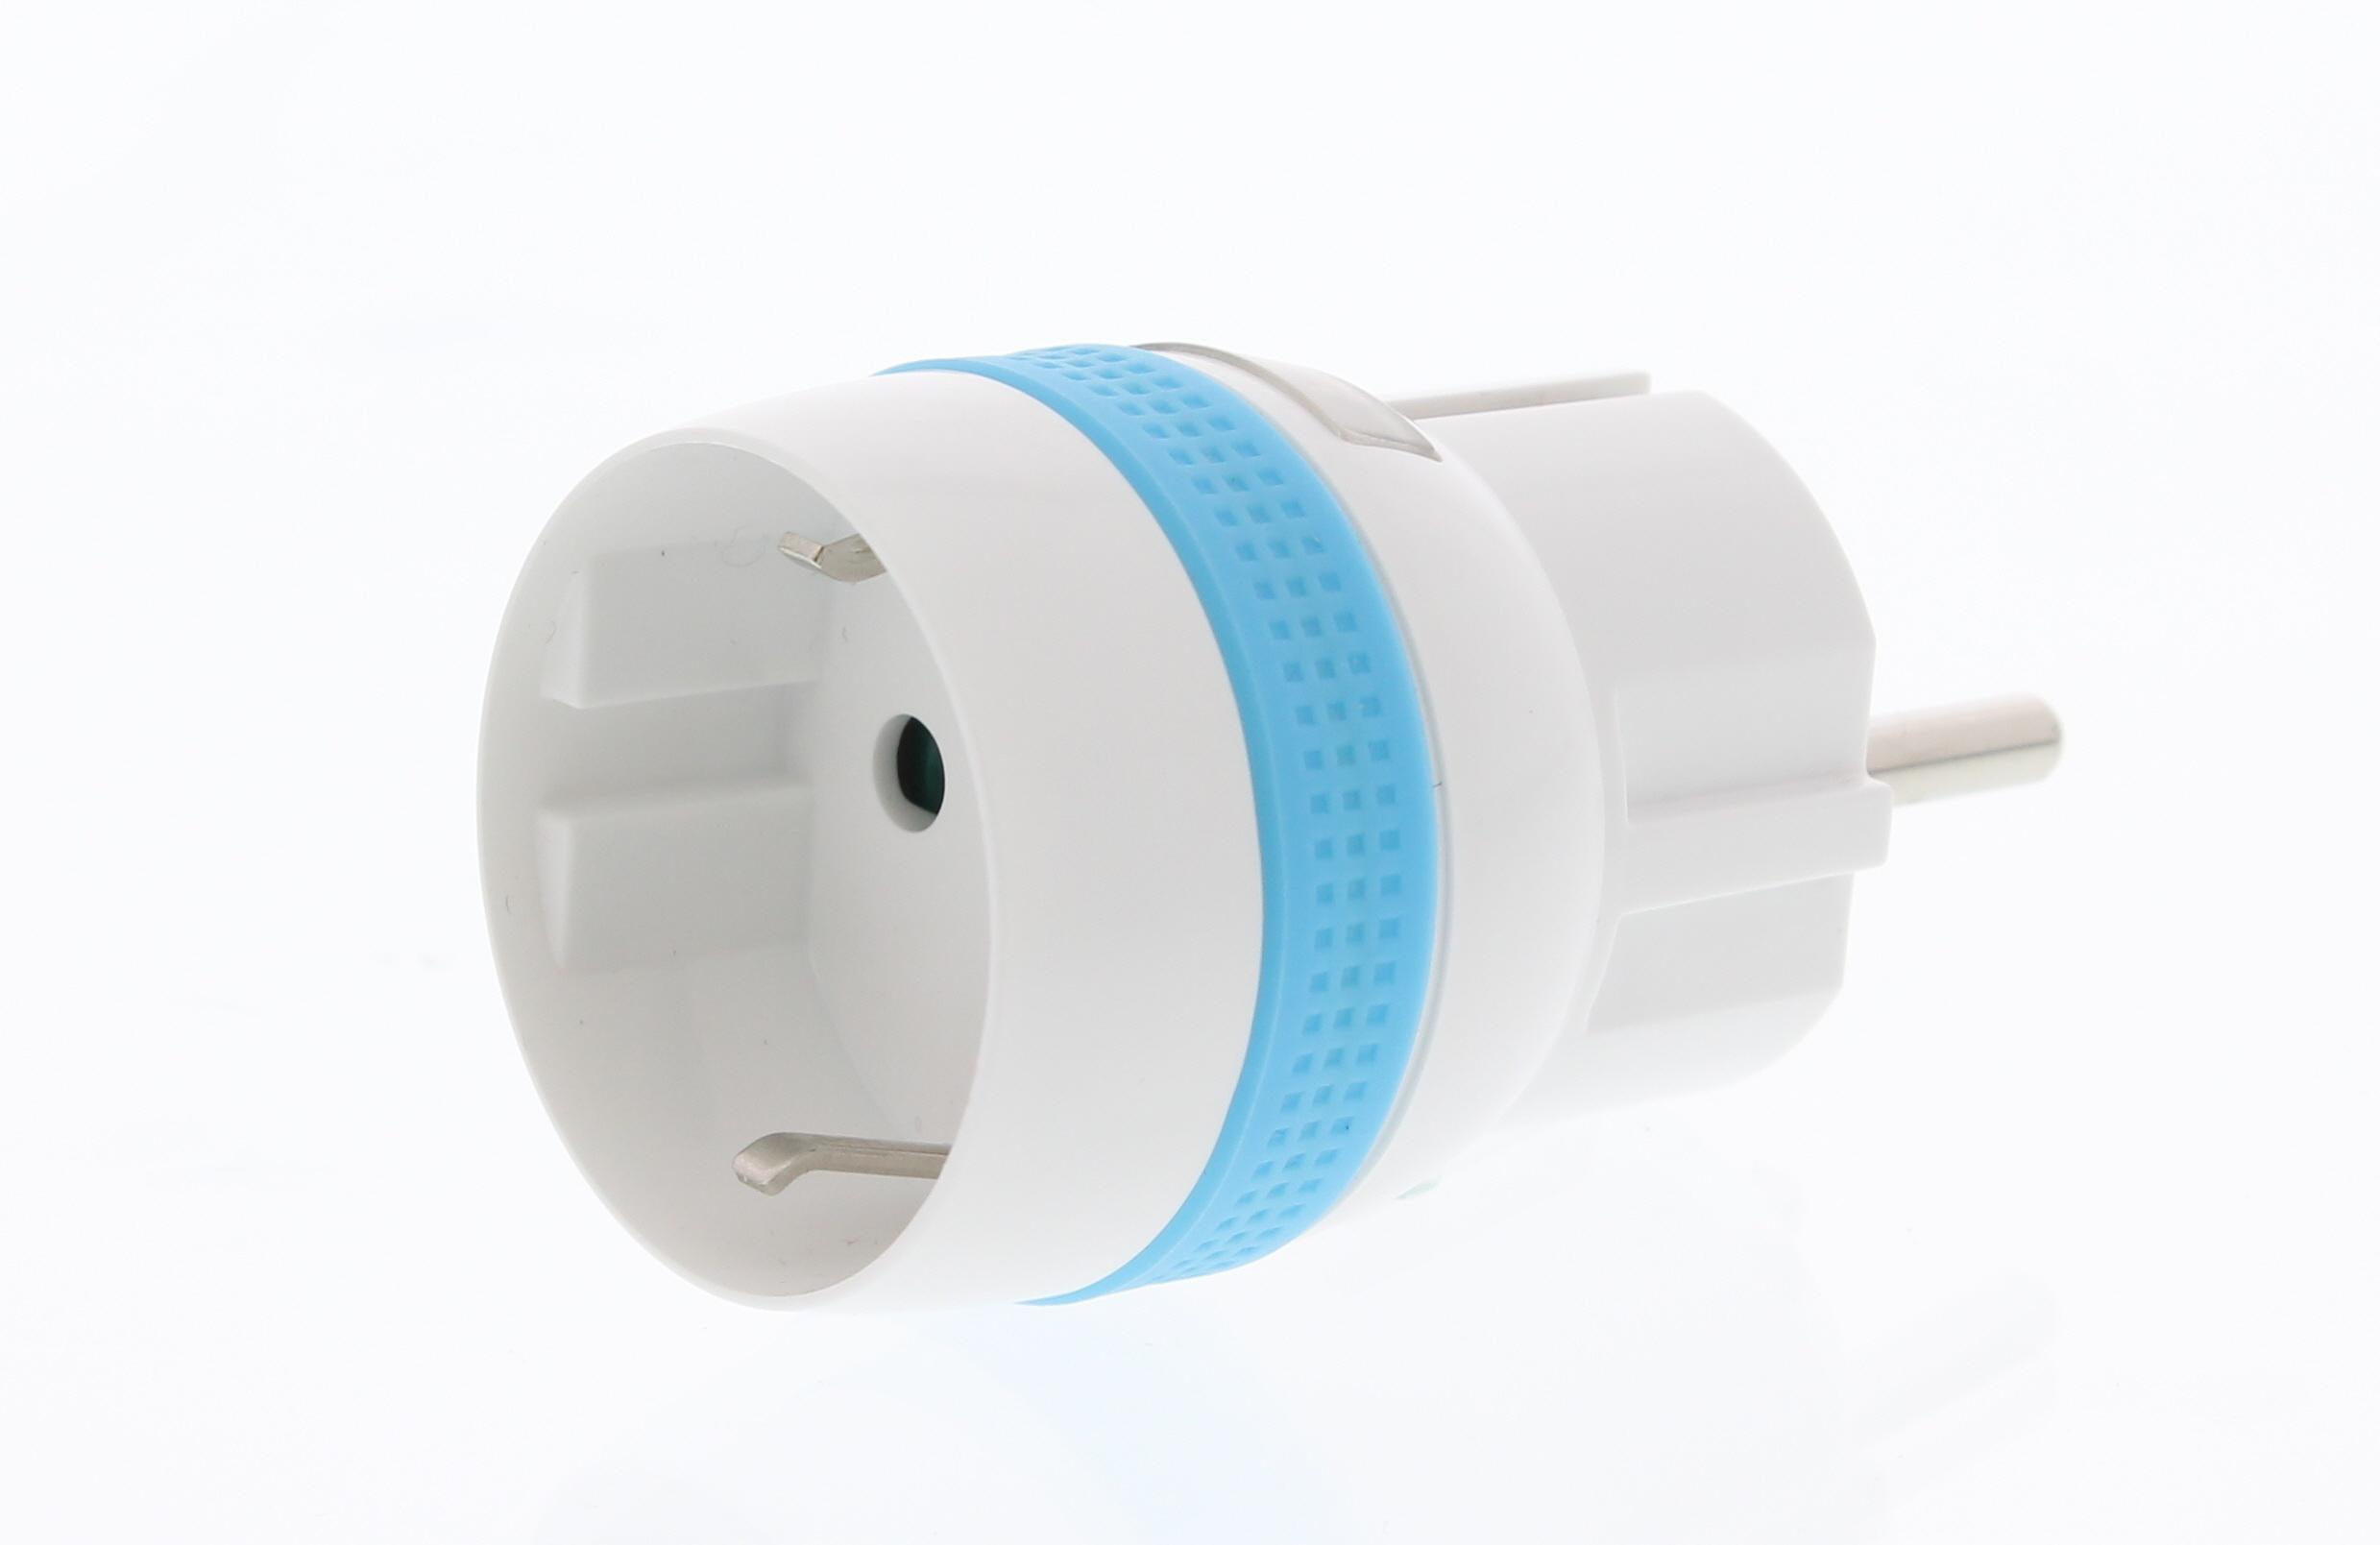 nouvelle Micro Smart Plug Zwave